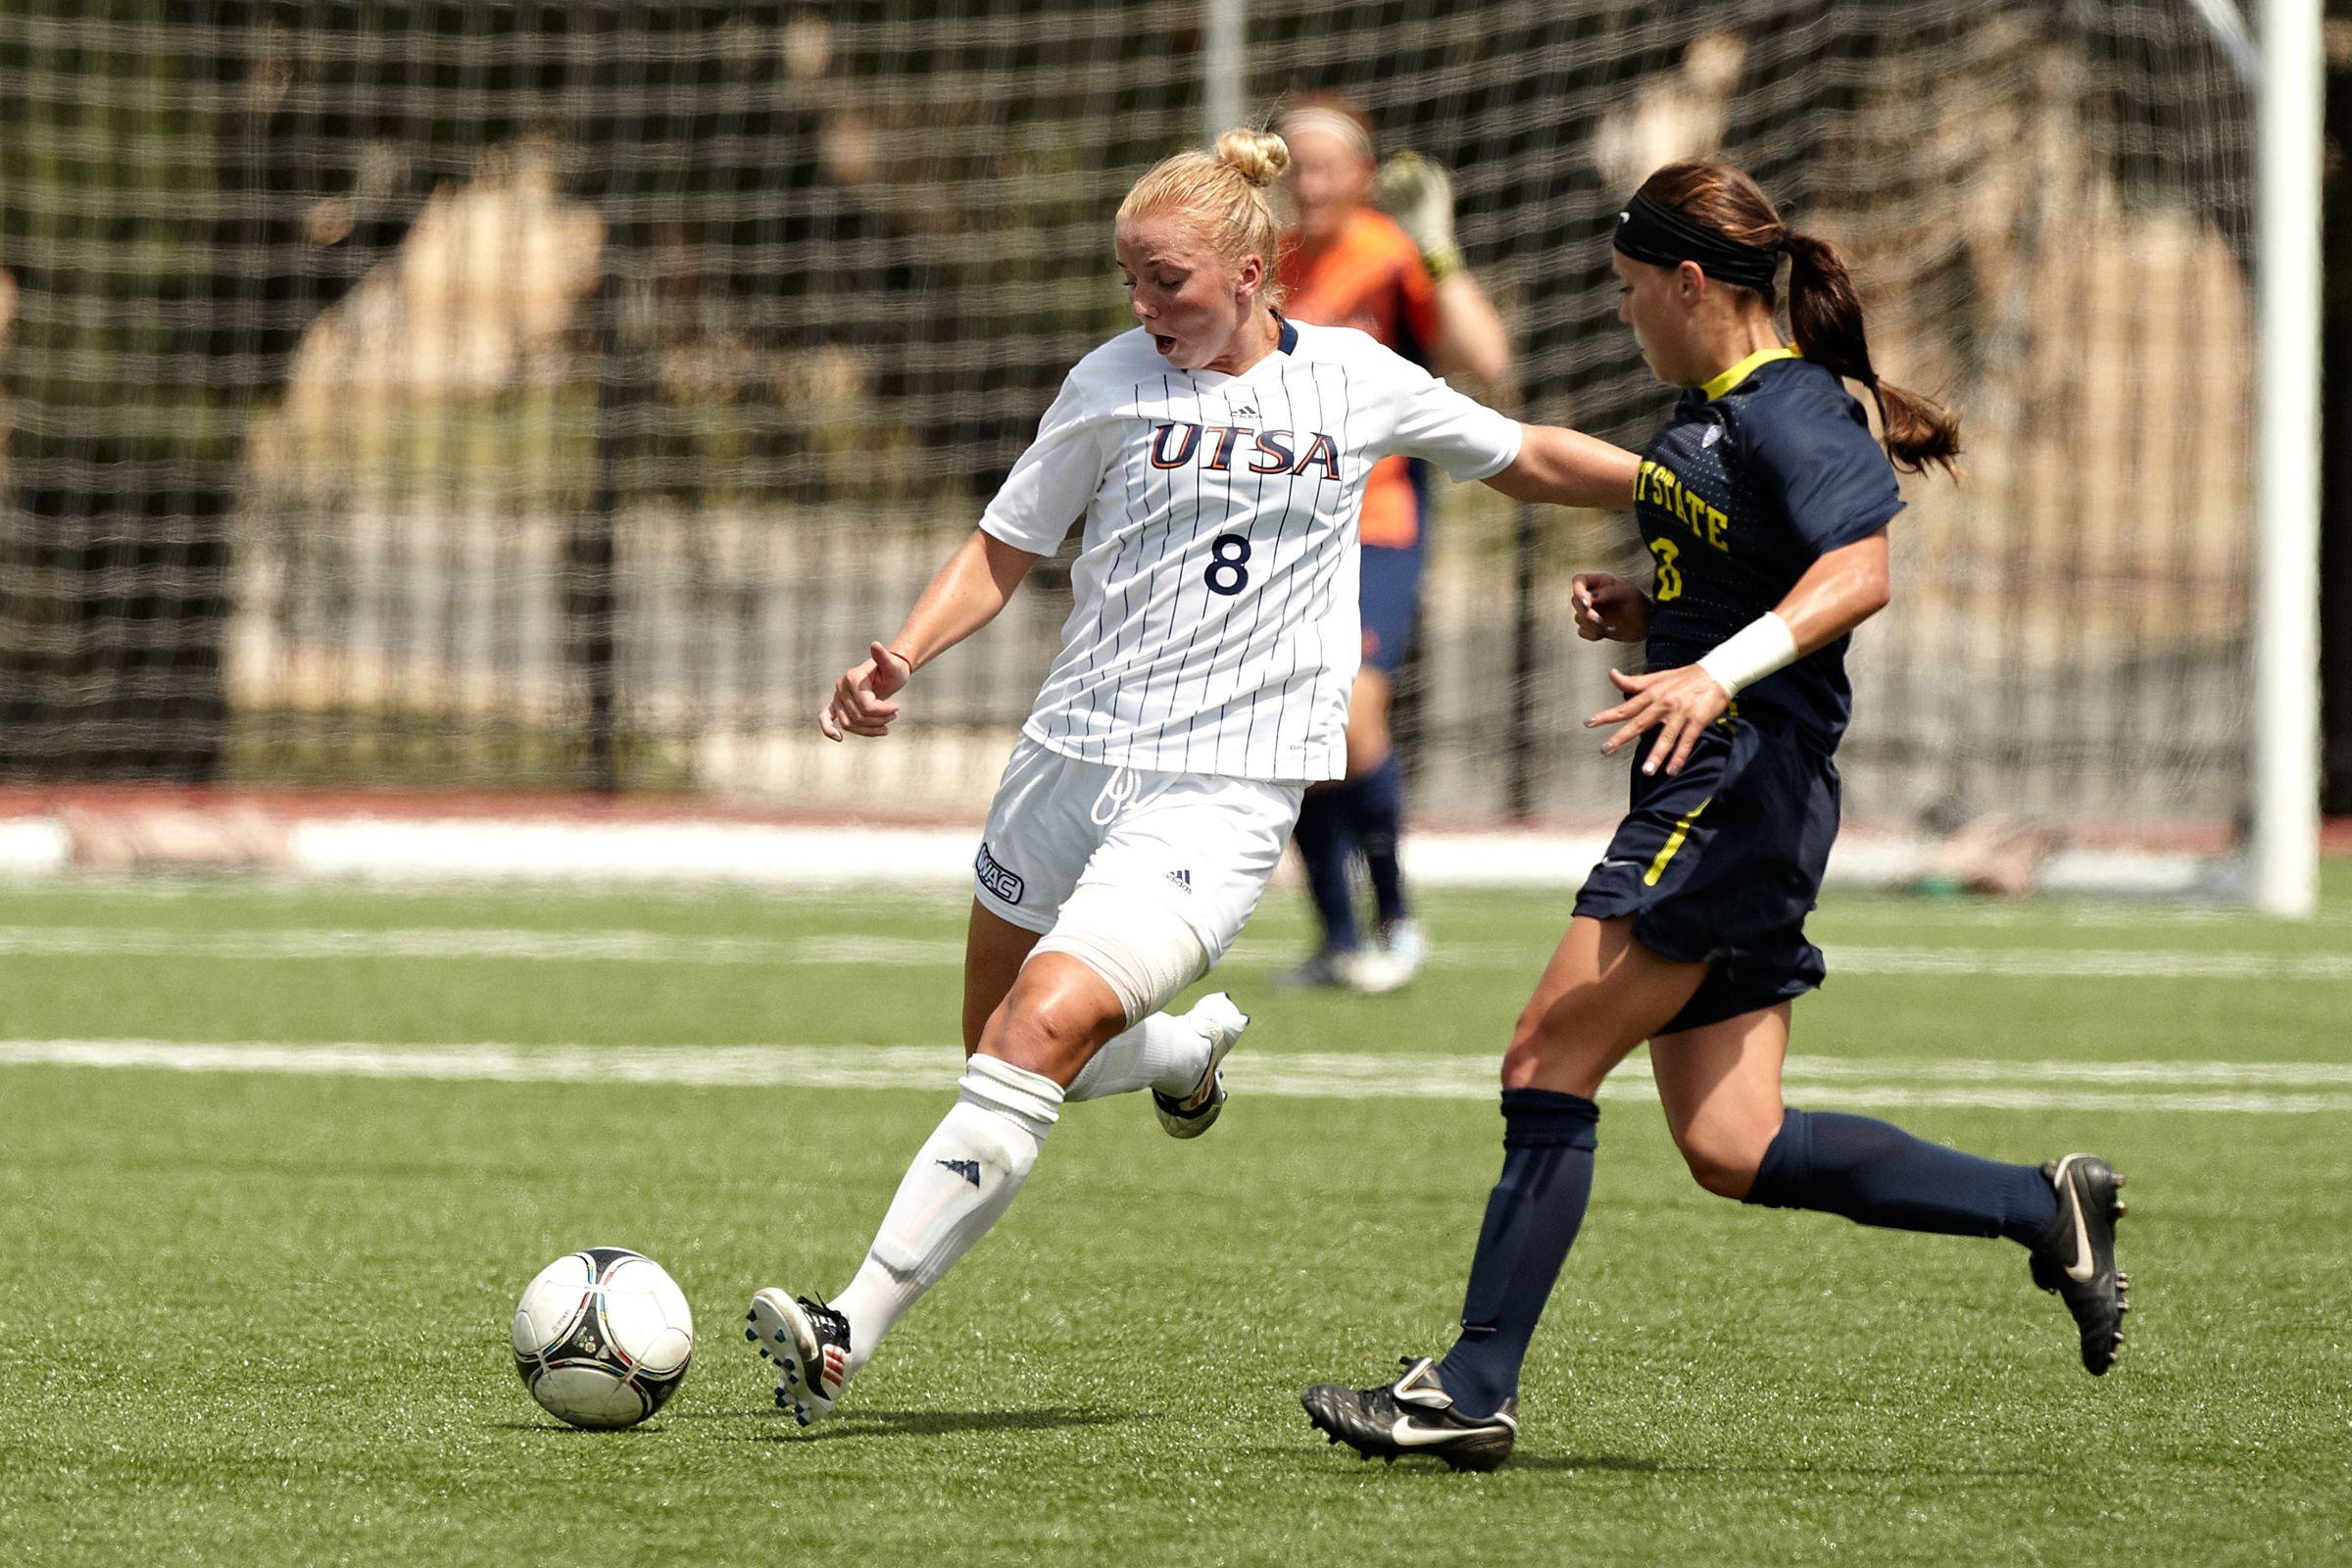 Anka Grotle Utsa Sr D Bremanger Norway Womens Soccer Sports Athlete